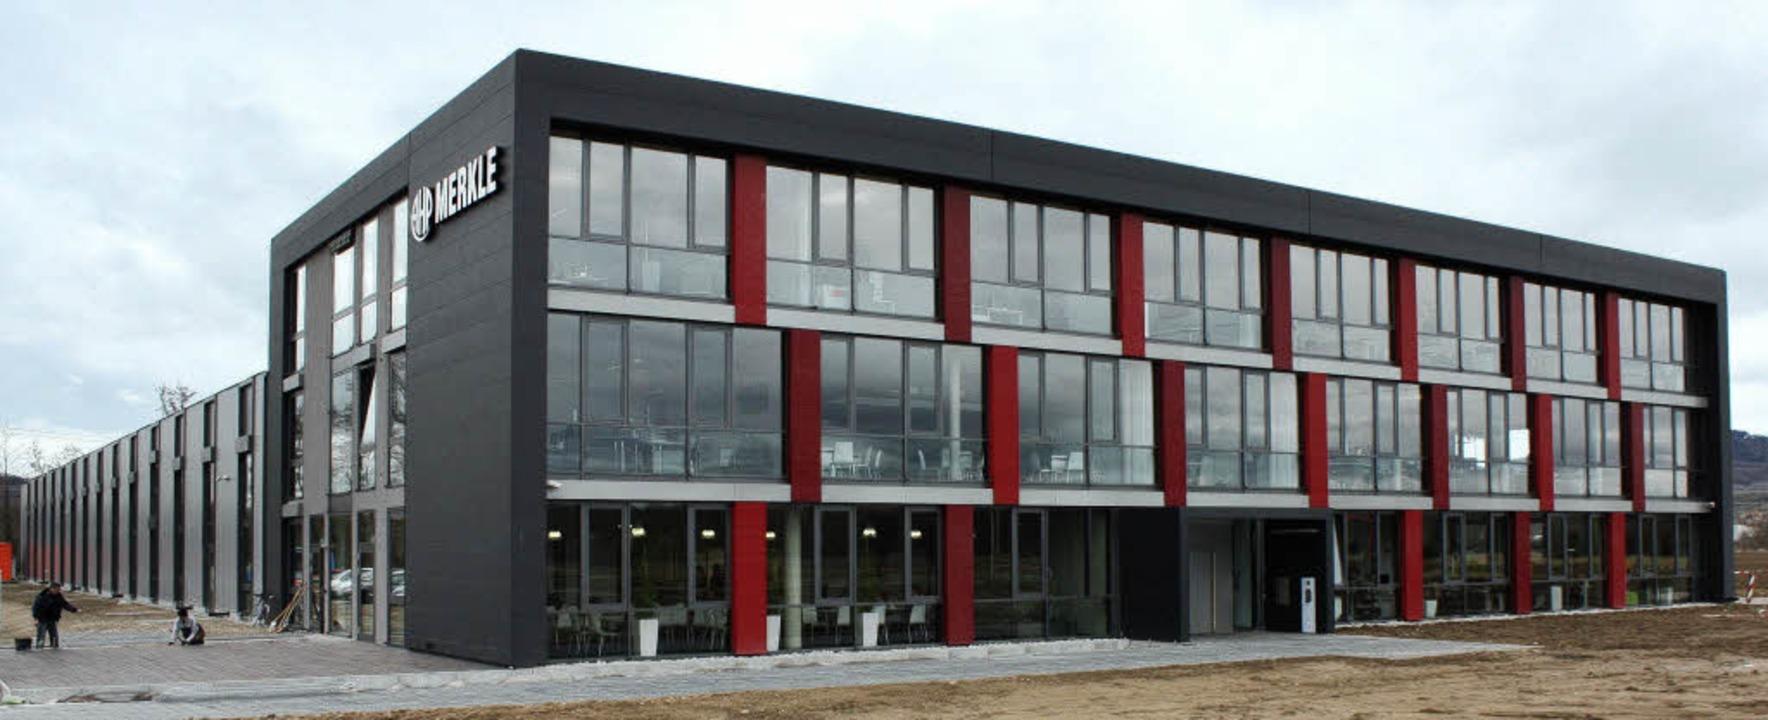 Viel Platz und große Fenster – d...gebäude von AHP Merkle in Gottenheim.   | Foto: Barbara Schmidt